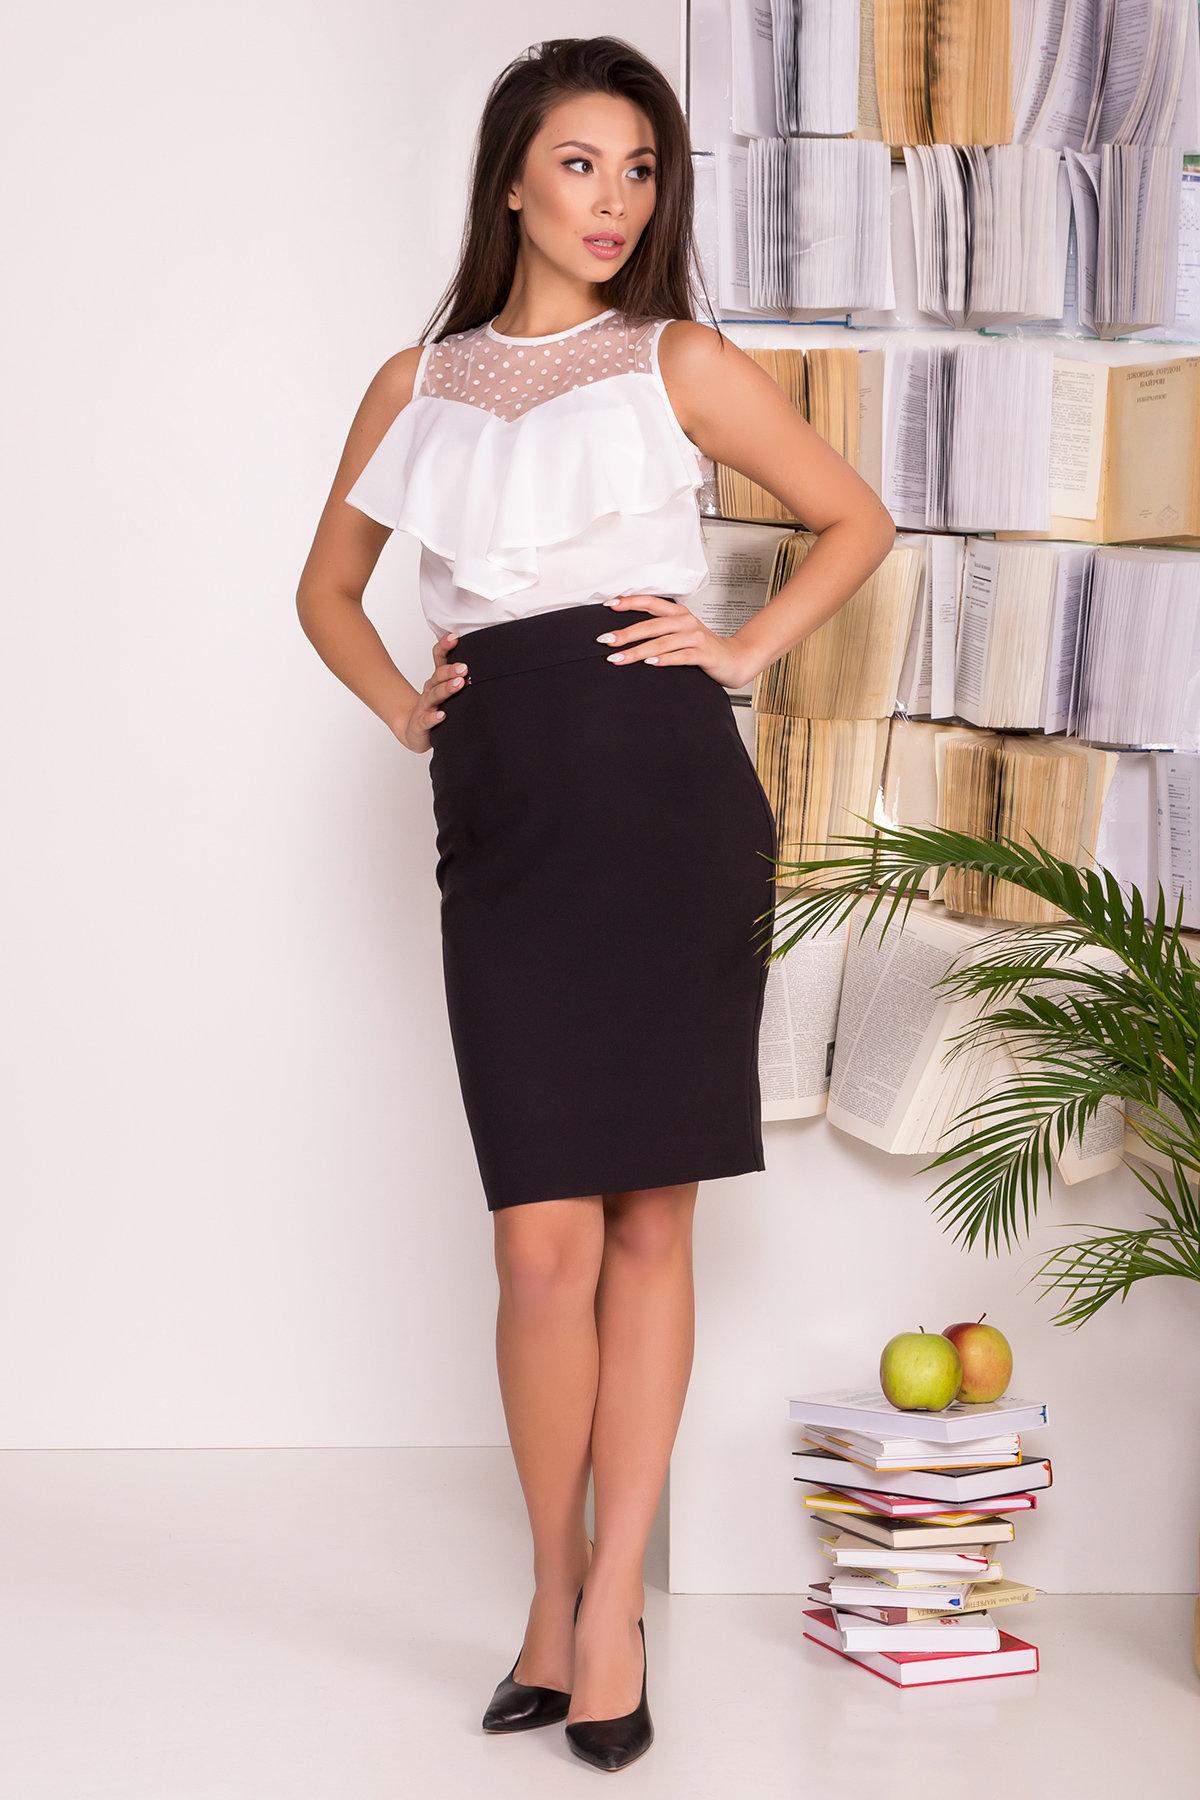 Оптом белые блузки от производителя Modus Блузка с оборками на груди Талина 7368